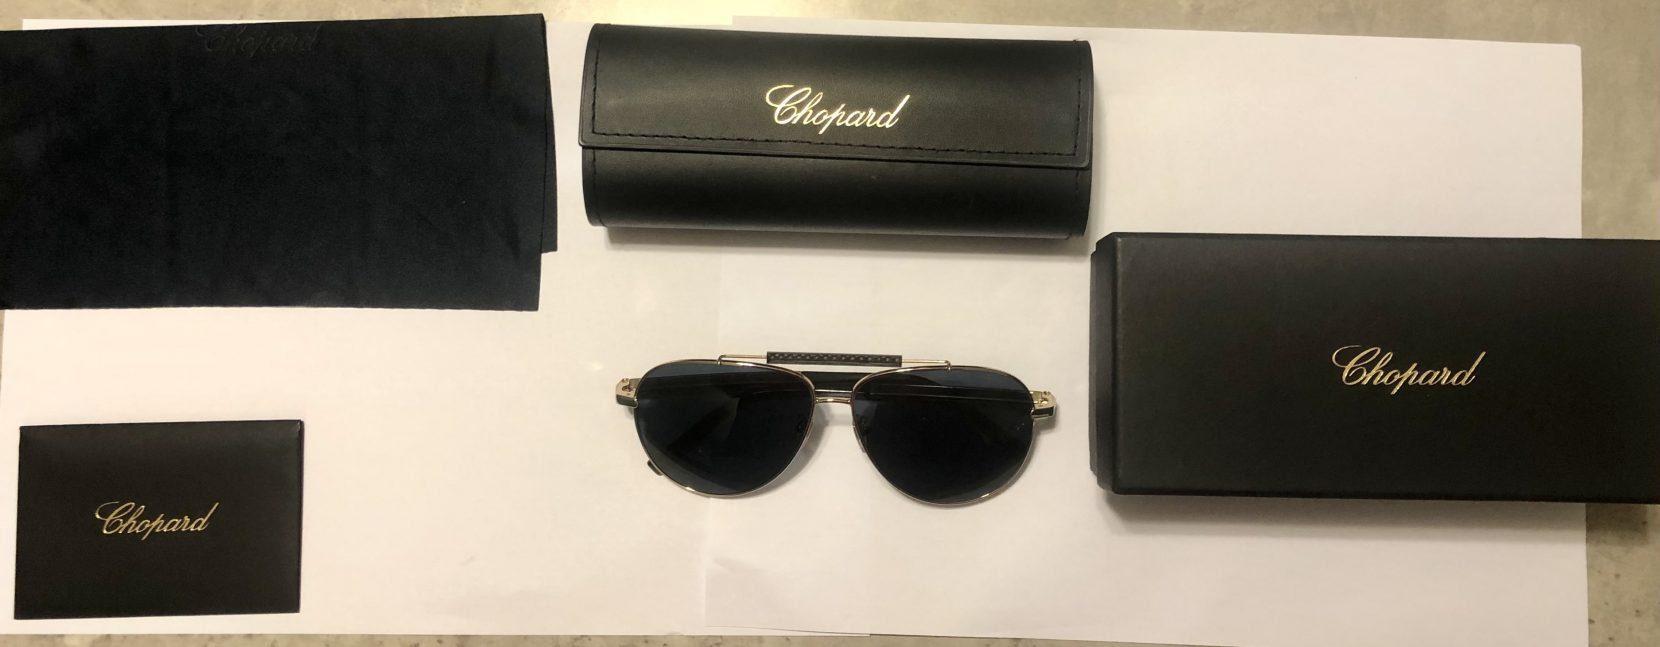 Genuine New CHOPARD Men Sunglasses